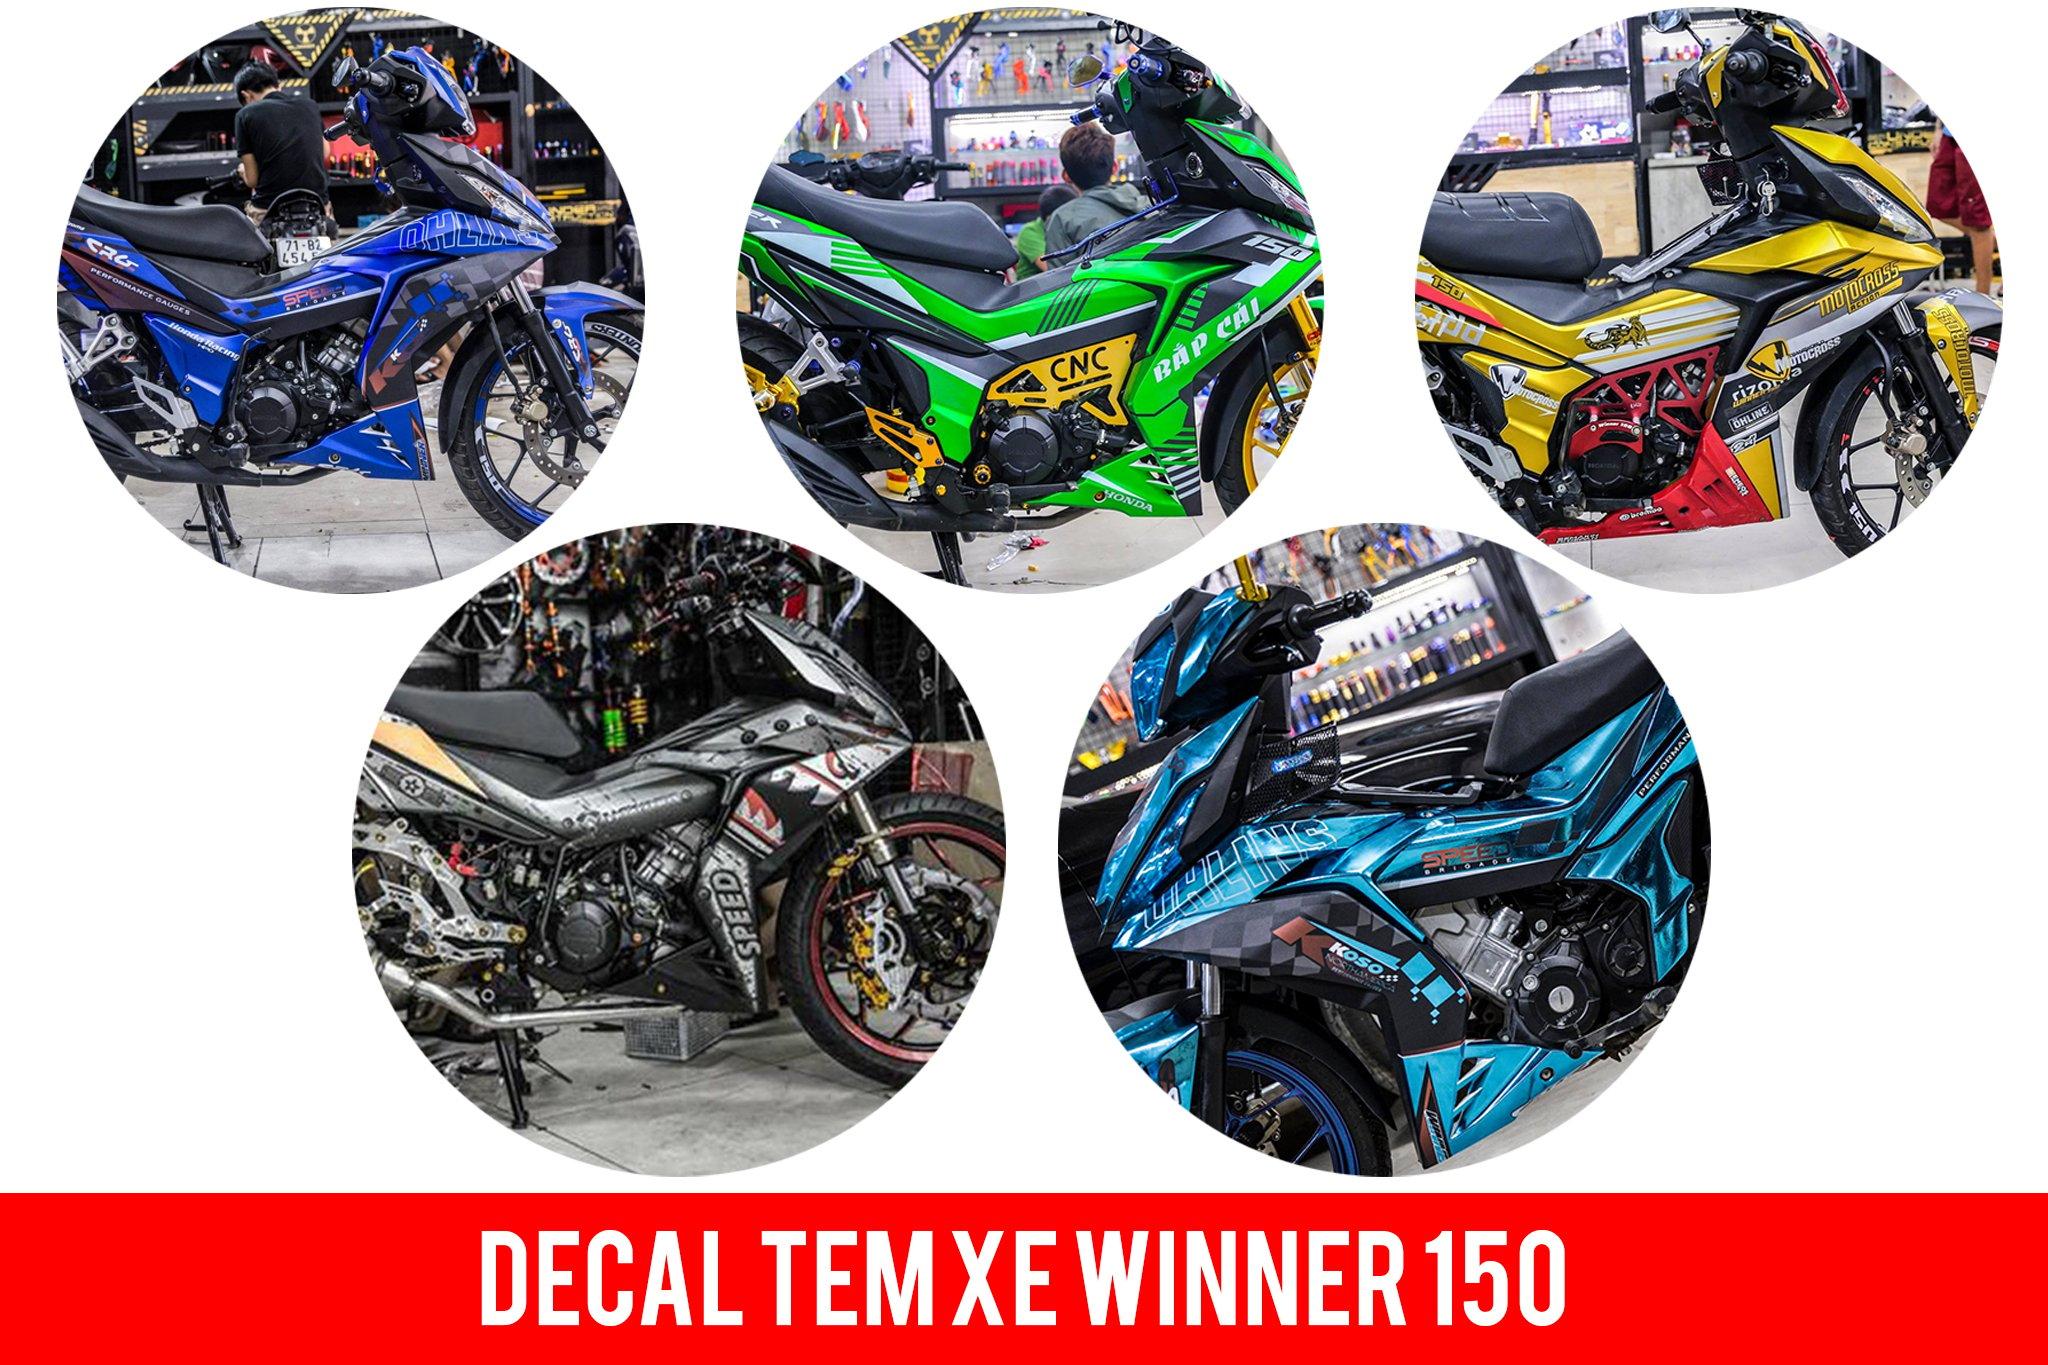 Tổng hợp các mẫu decal tem winner 150 mới nhất